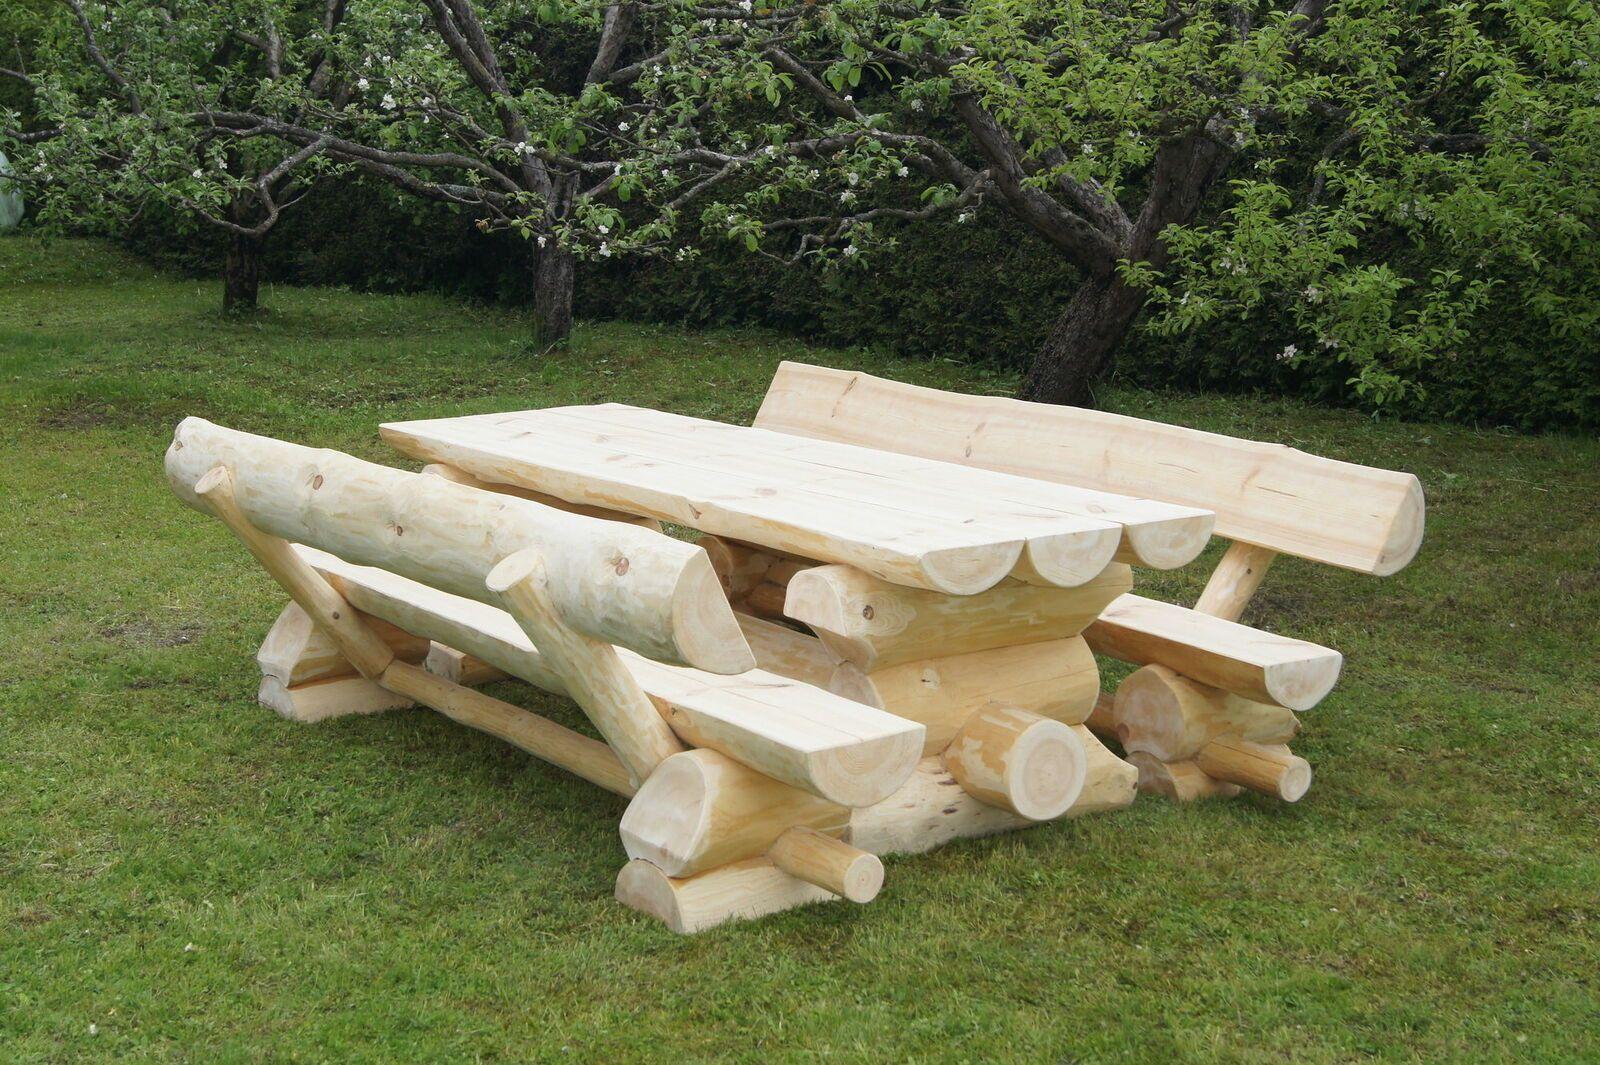 Luxus Gartengarnitur Gartenmobel Rattangarnitur Holzgarnituren Aktion Gartenbank Holz Rustikal Gartenmobel Wohnen Und Garten